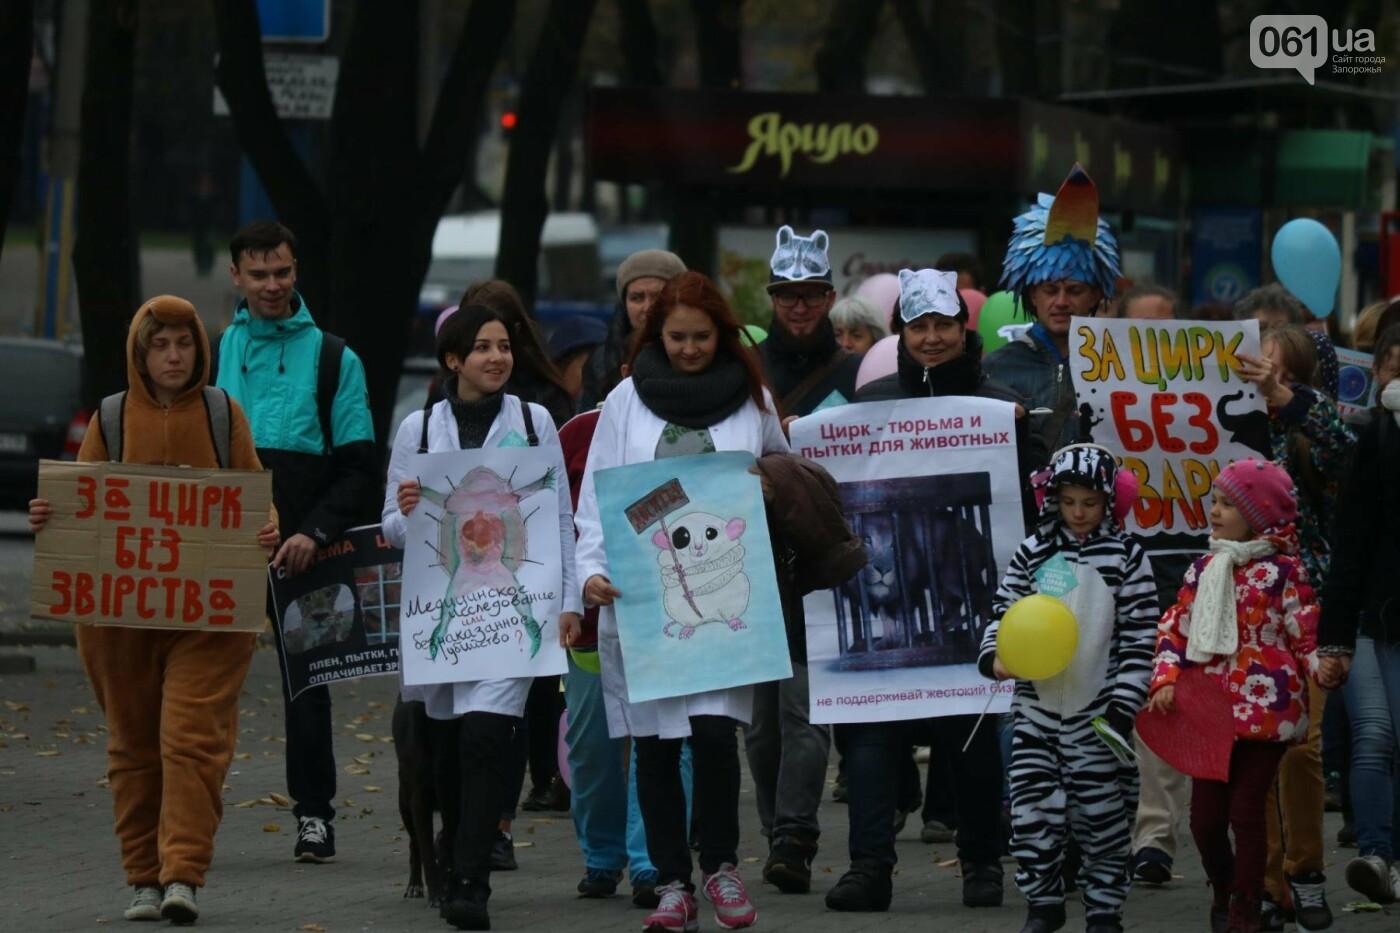 В Запорожье прошел марш за права животных, - ФОТОРЕПОРТАЖ, фото-13